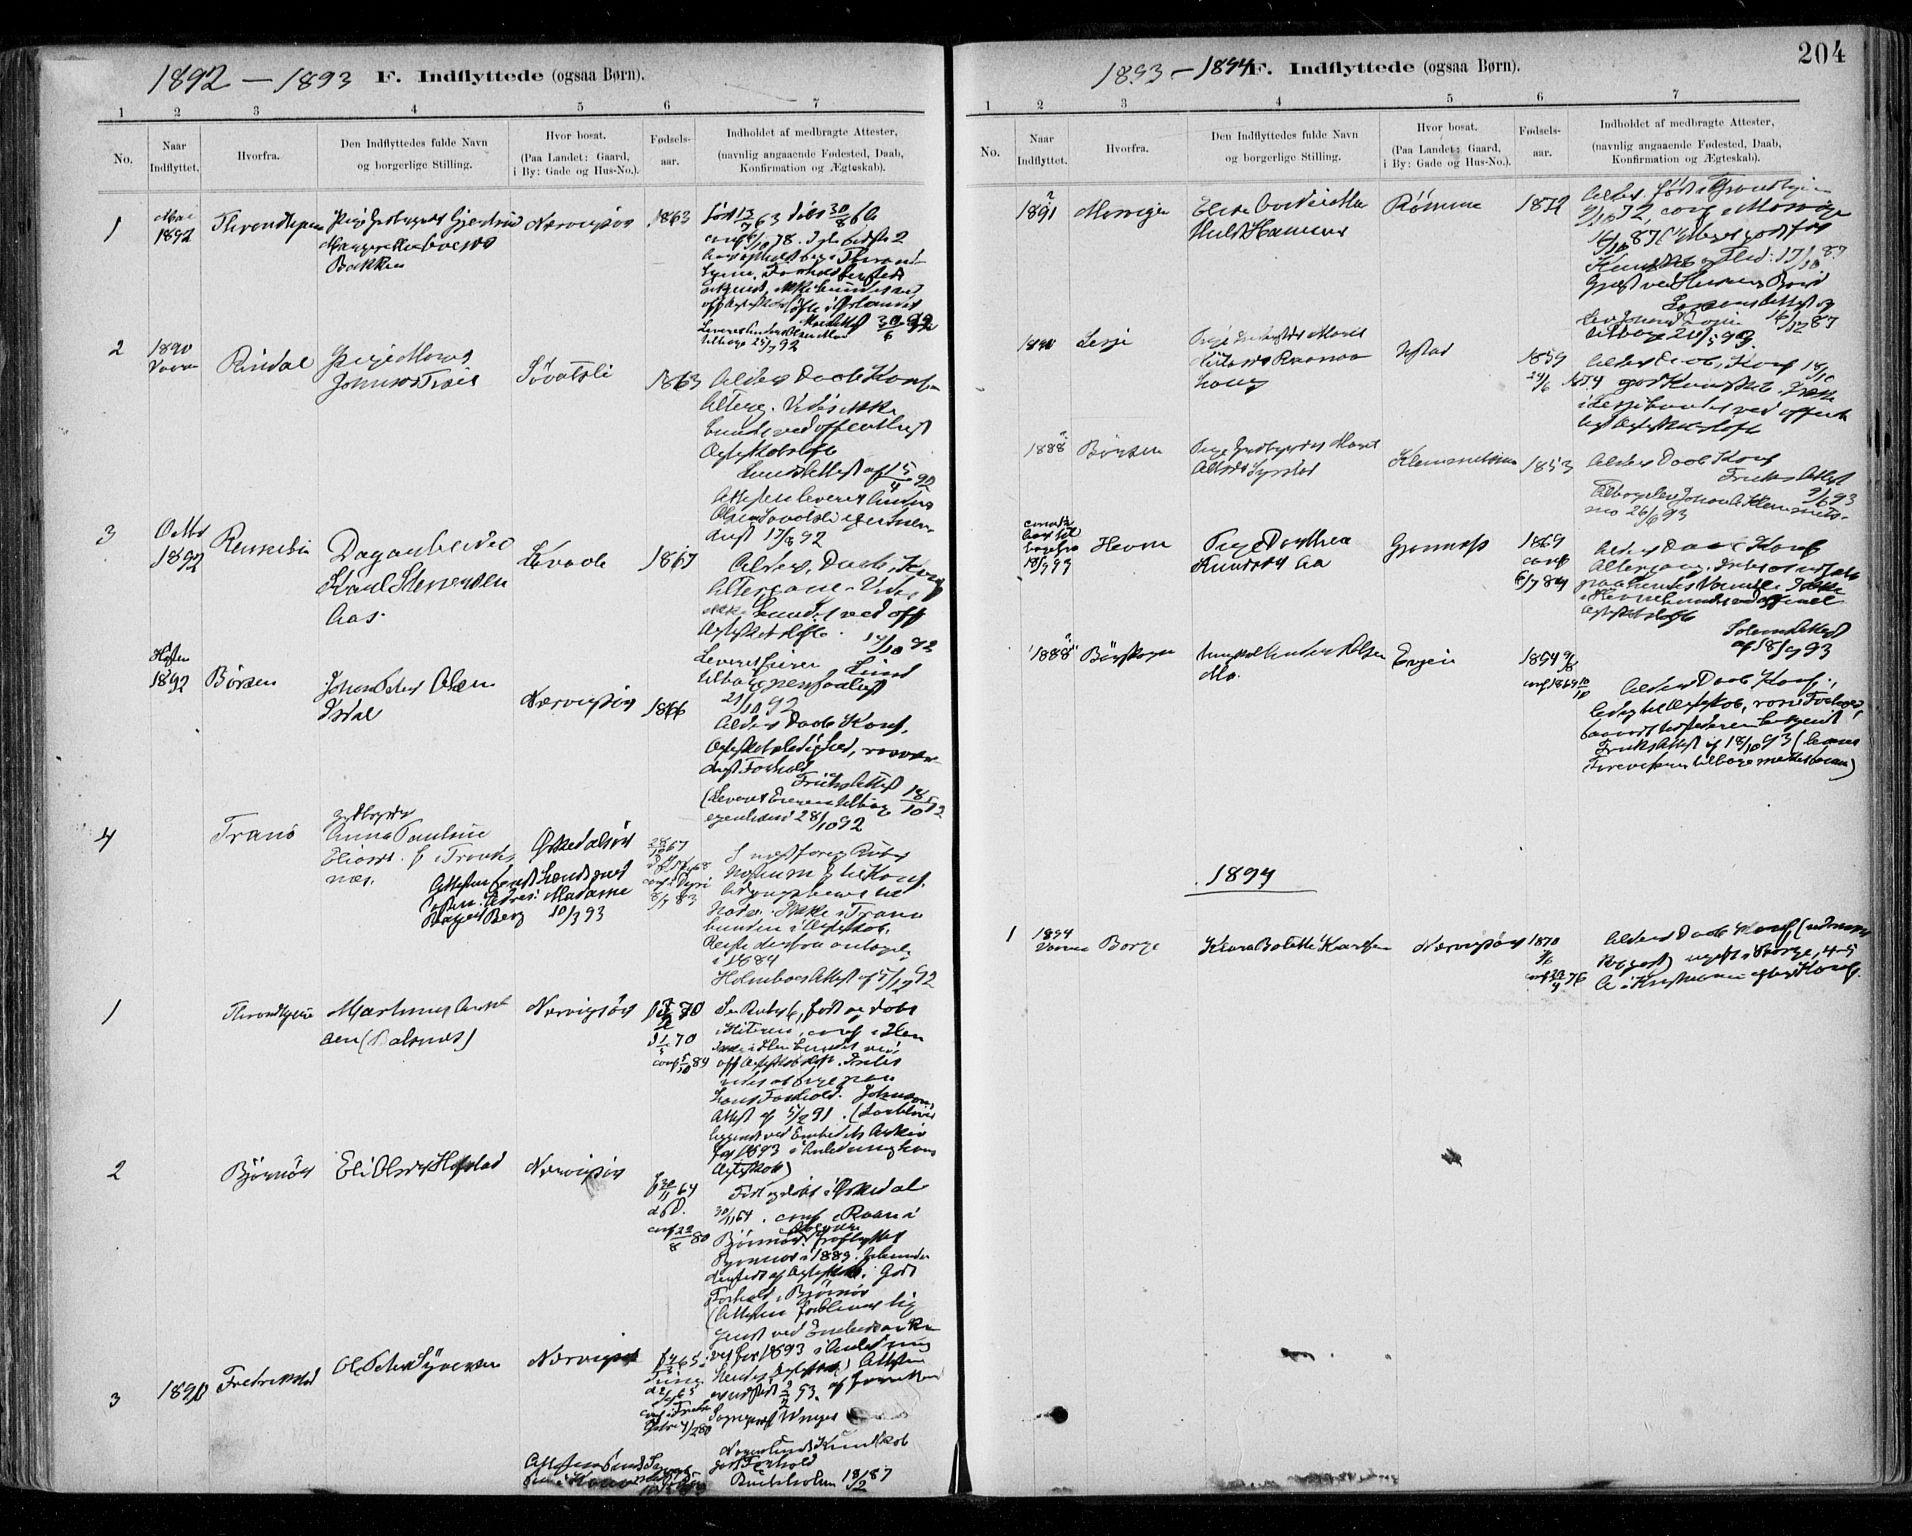 SAT, Ministerialprotokoller, klokkerbøker og fødselsregistre - Sør-Trøndelag, 668/L0810: Ministerialbok nr. 668A10, 1881-1894, s. 204